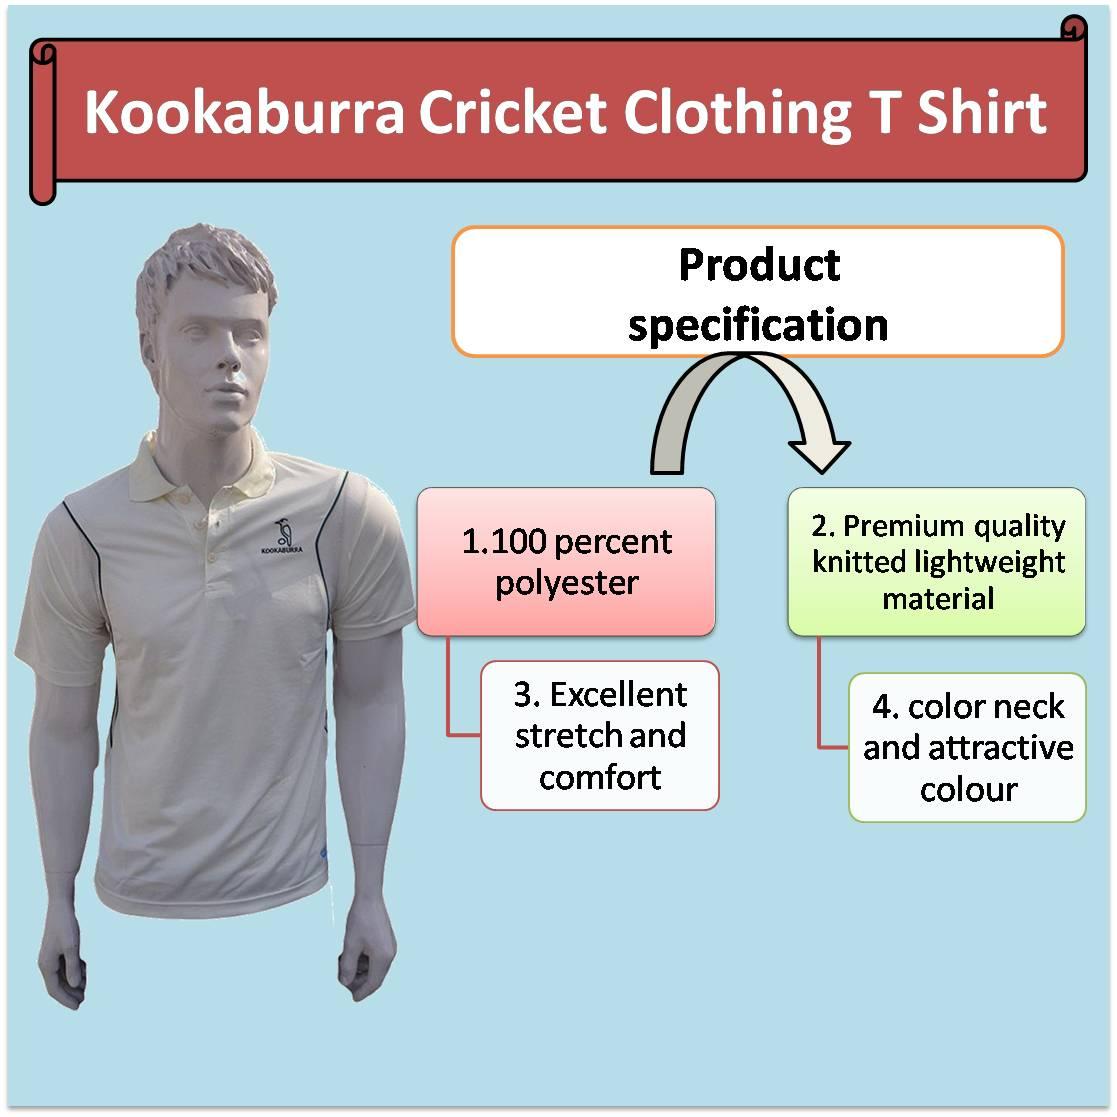 Kookaburra Cricket Clothing T Shirt